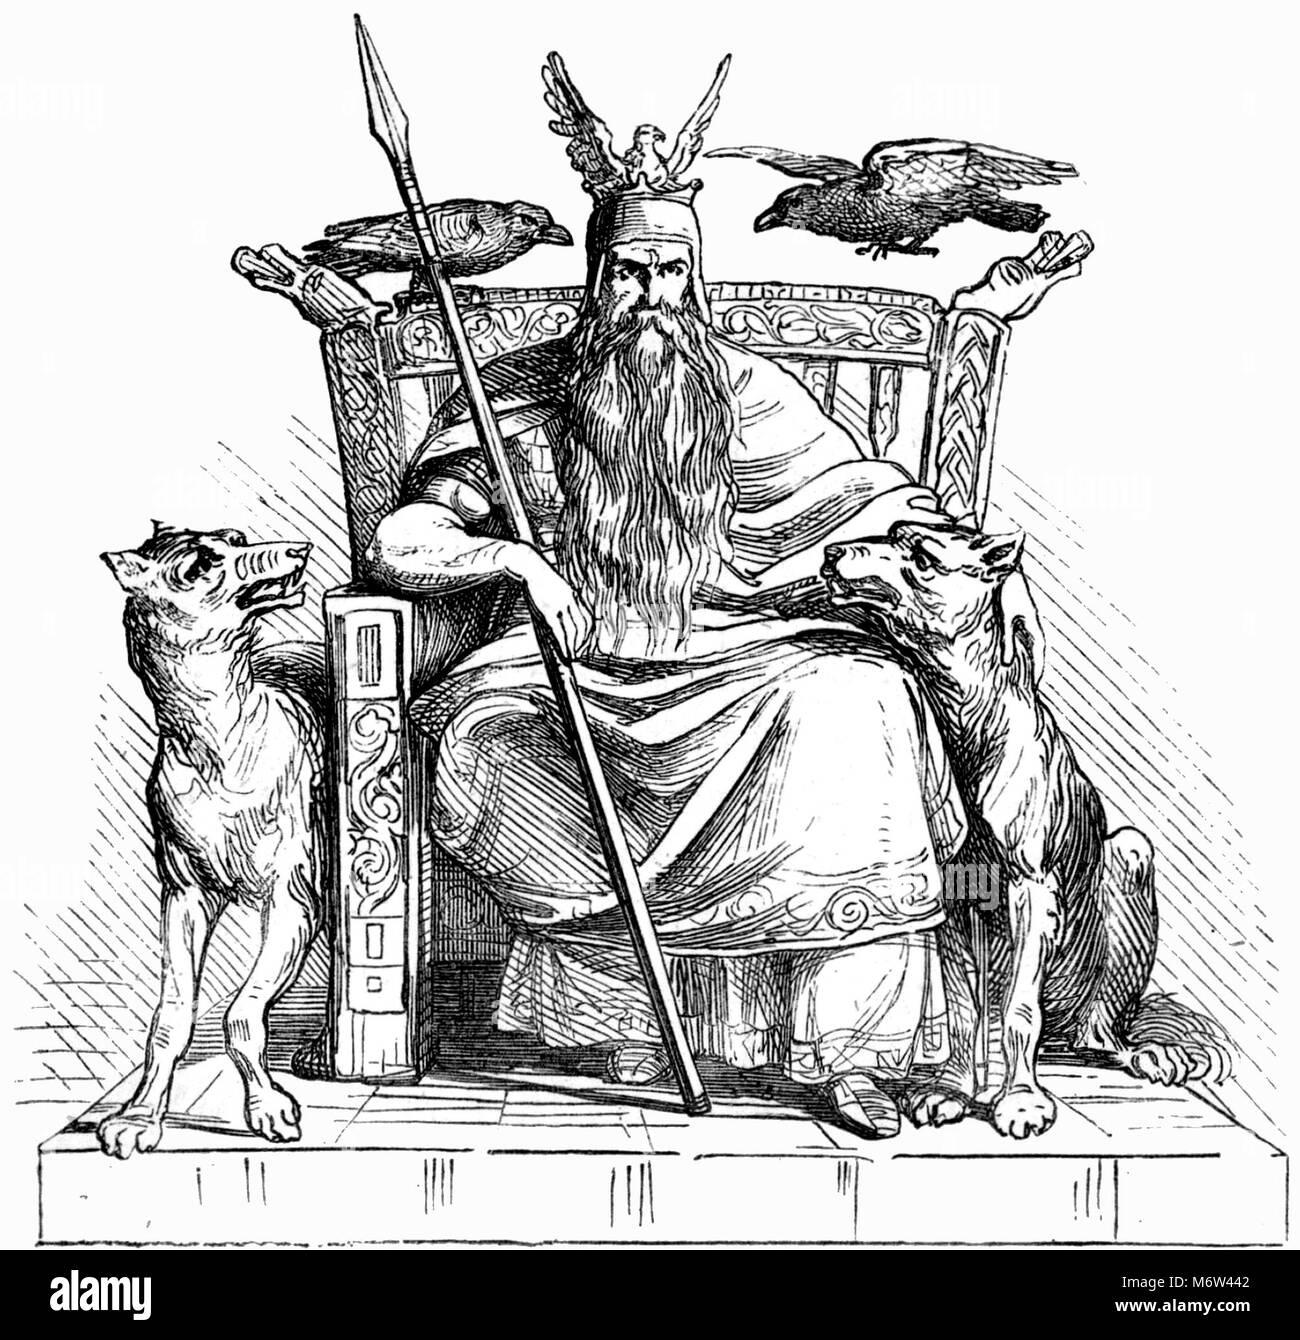 Der nordische Gott Odin mit seinen zwei Wolfs, Geri und Freki, und seine zwei Raben, Huginn und Muninn, und hielt Stockbild